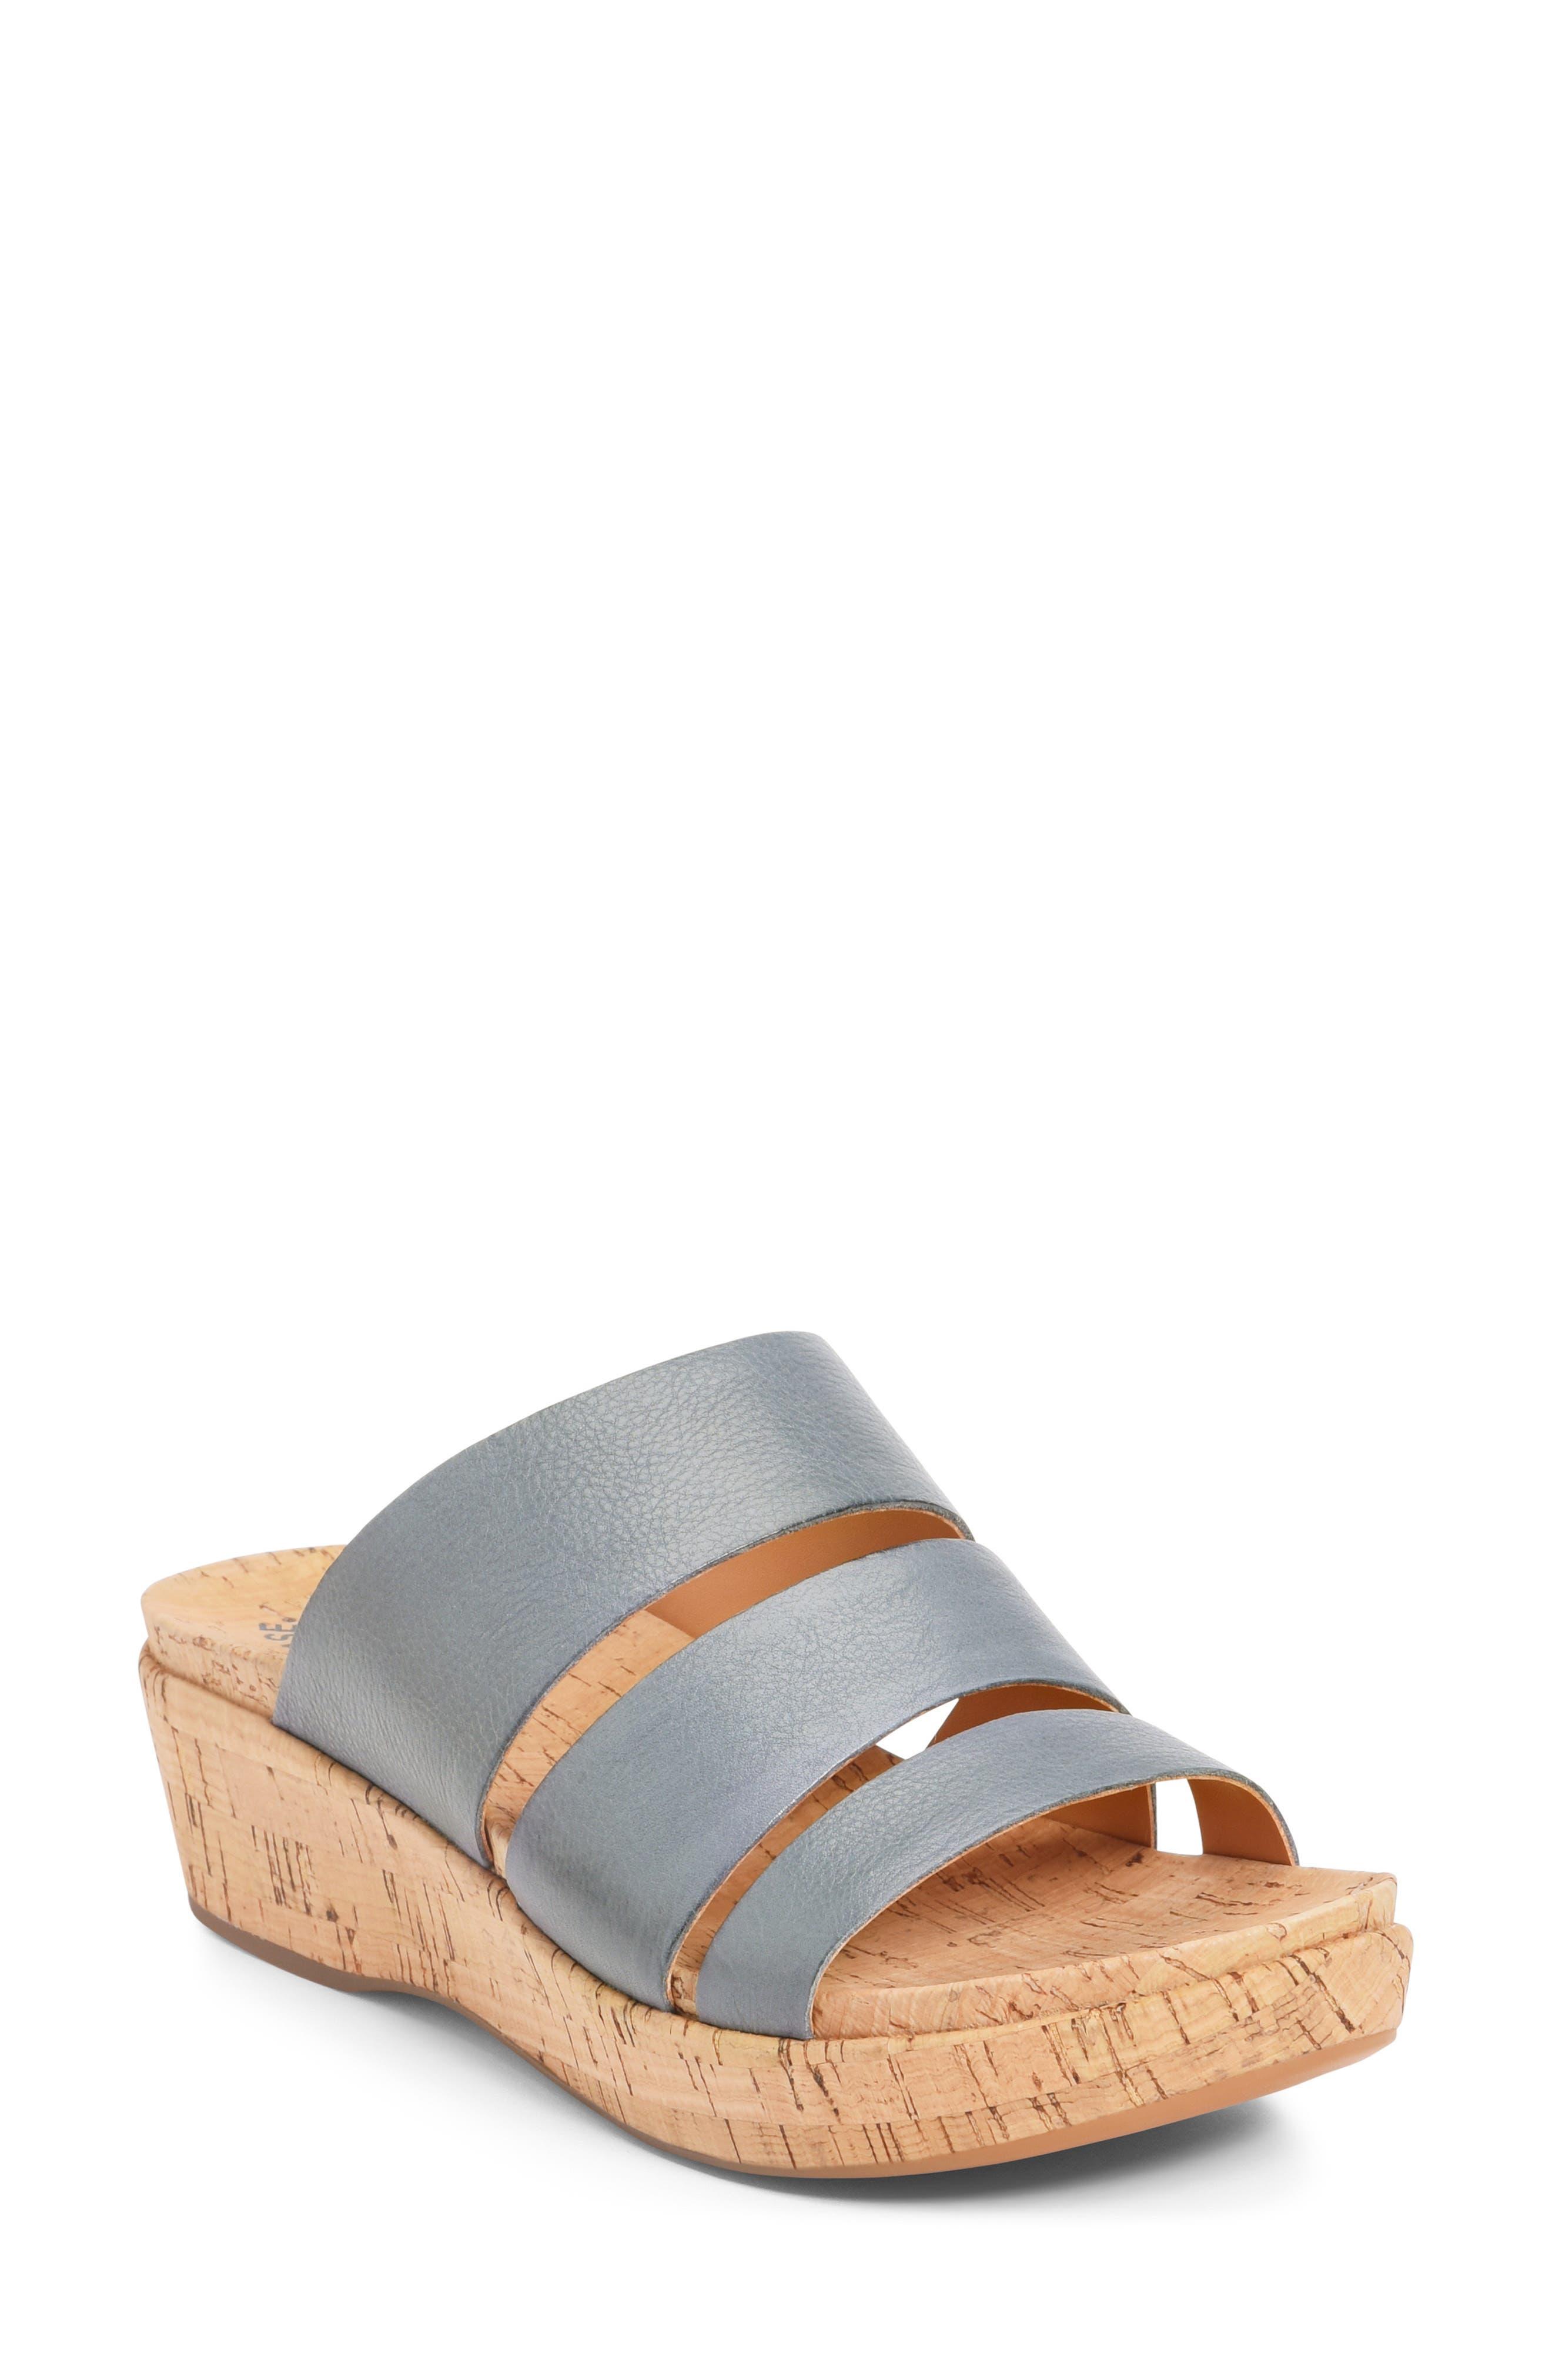 Women's Kork-Ease Menzie Wedge Slide Sandal